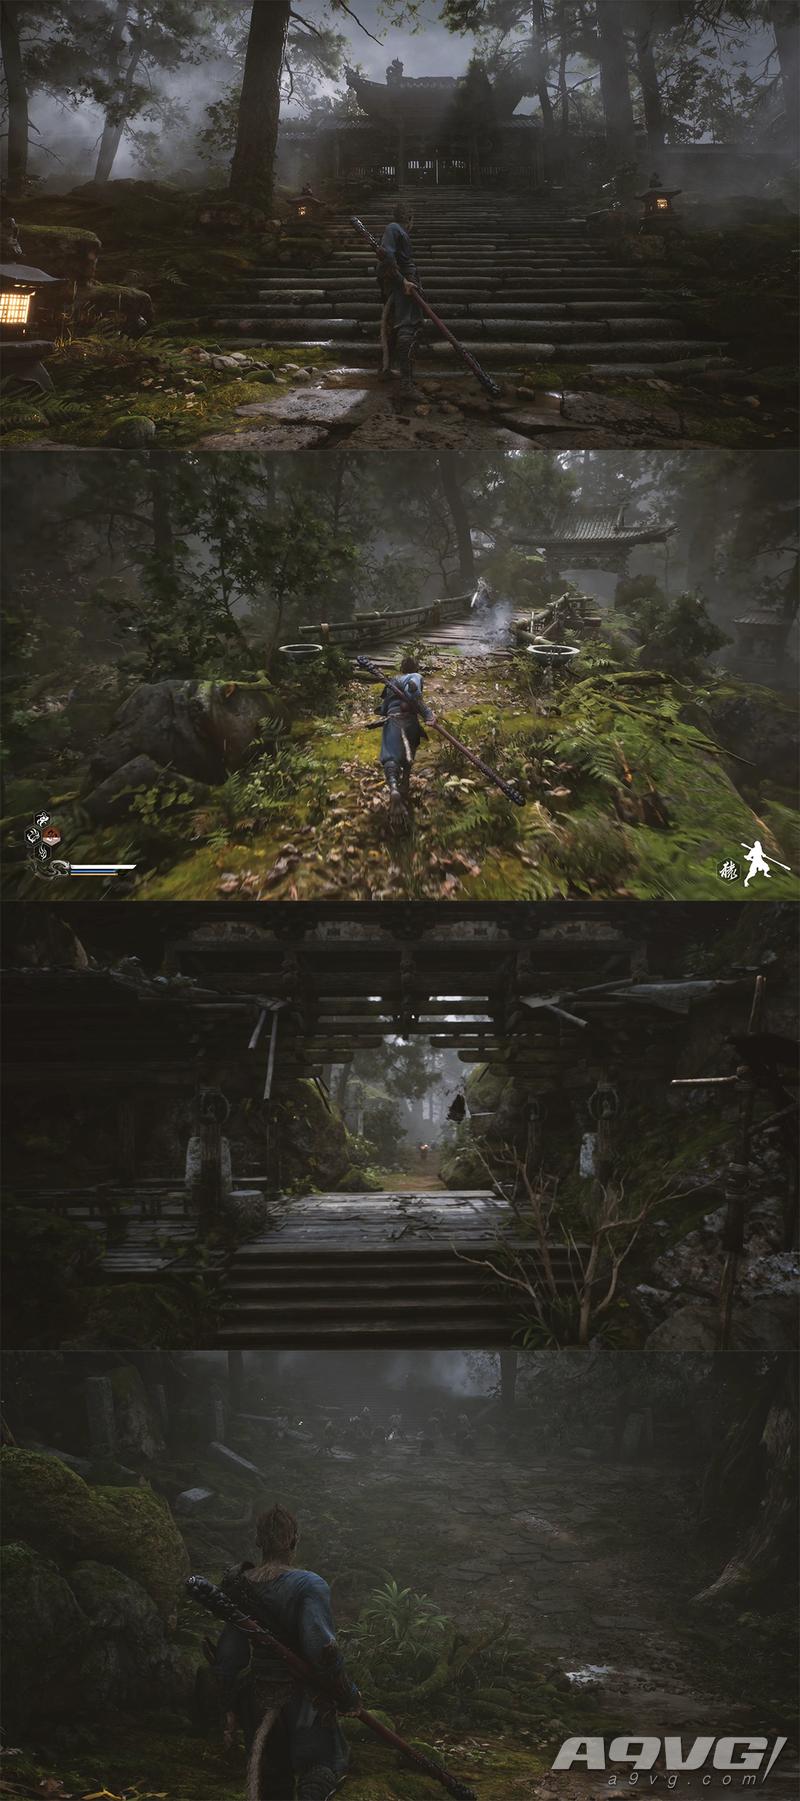 国产单机动作RPG游戏《黑神话:悟空》发表 实机视频放出